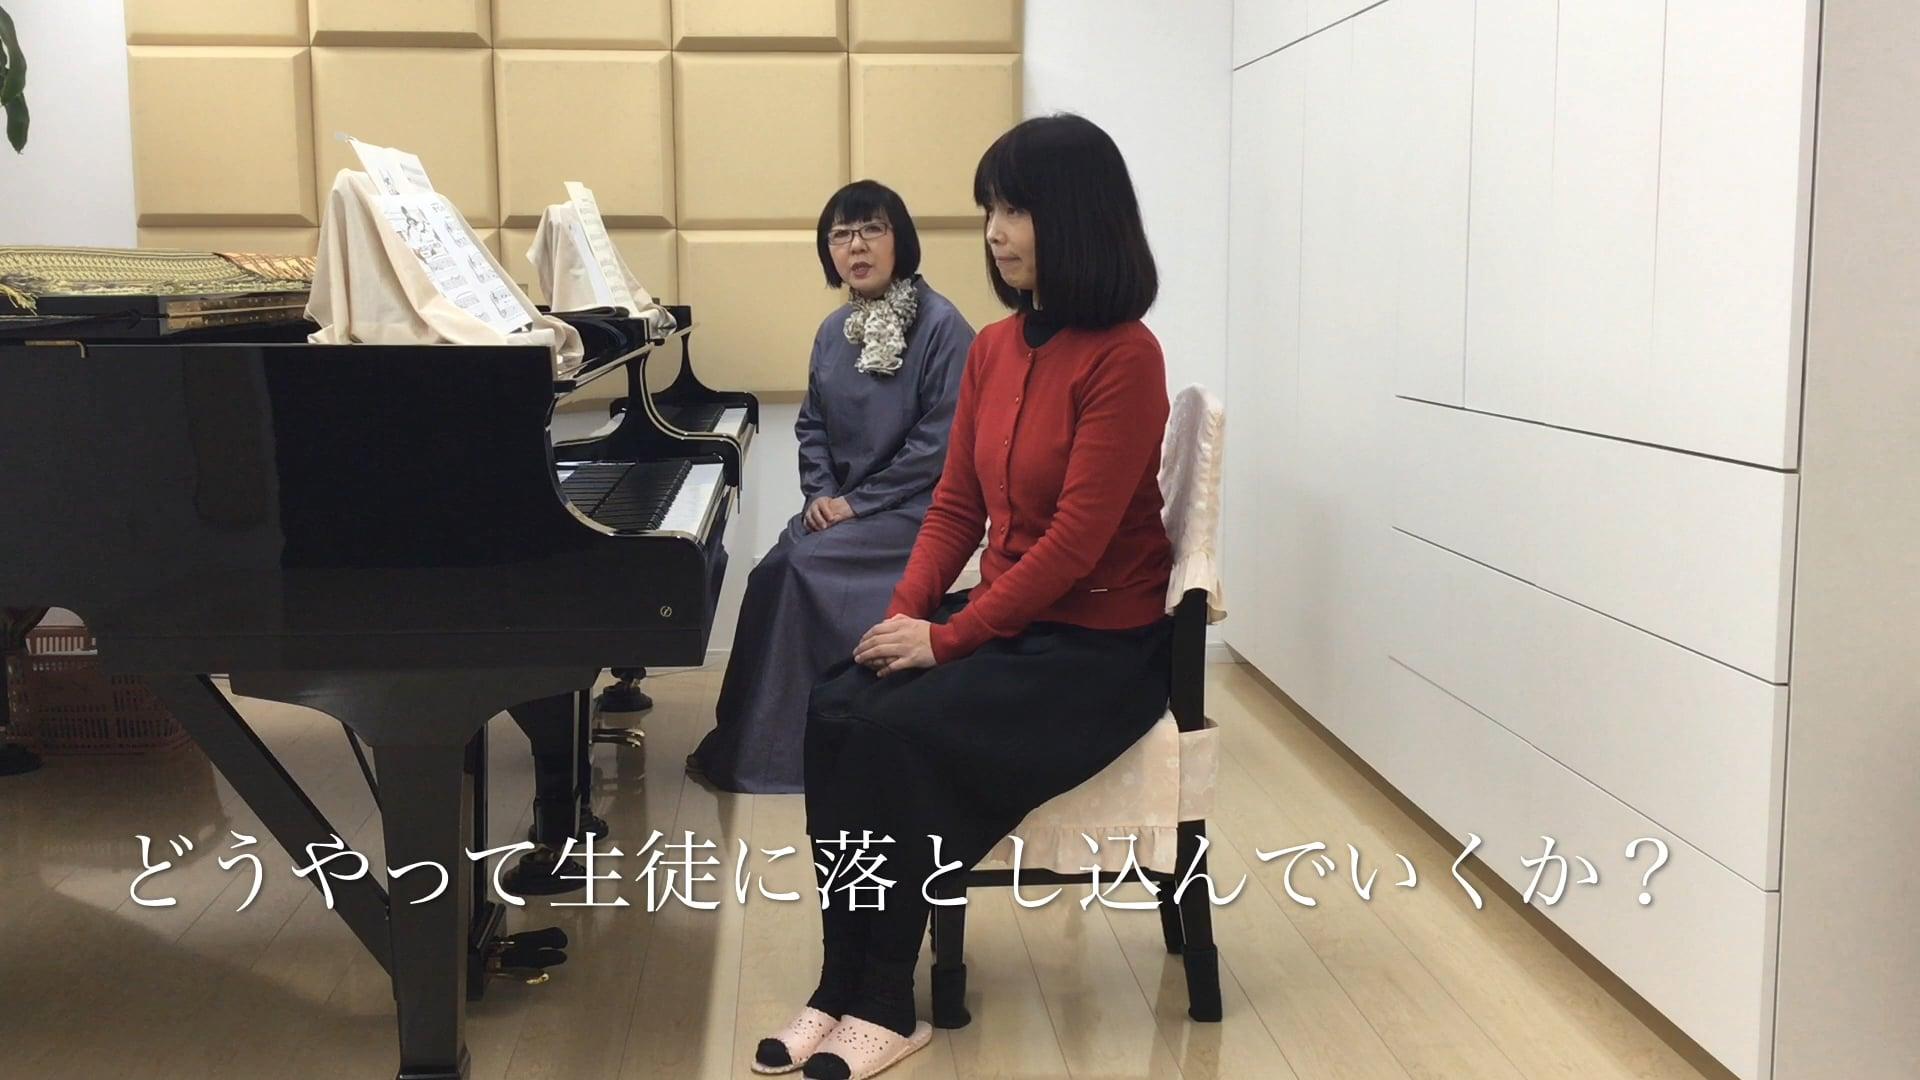 幼児期に左右のバランスがマスターできる グレンツェンピアノコンクール 第28回地区大会課題曲を使って実践